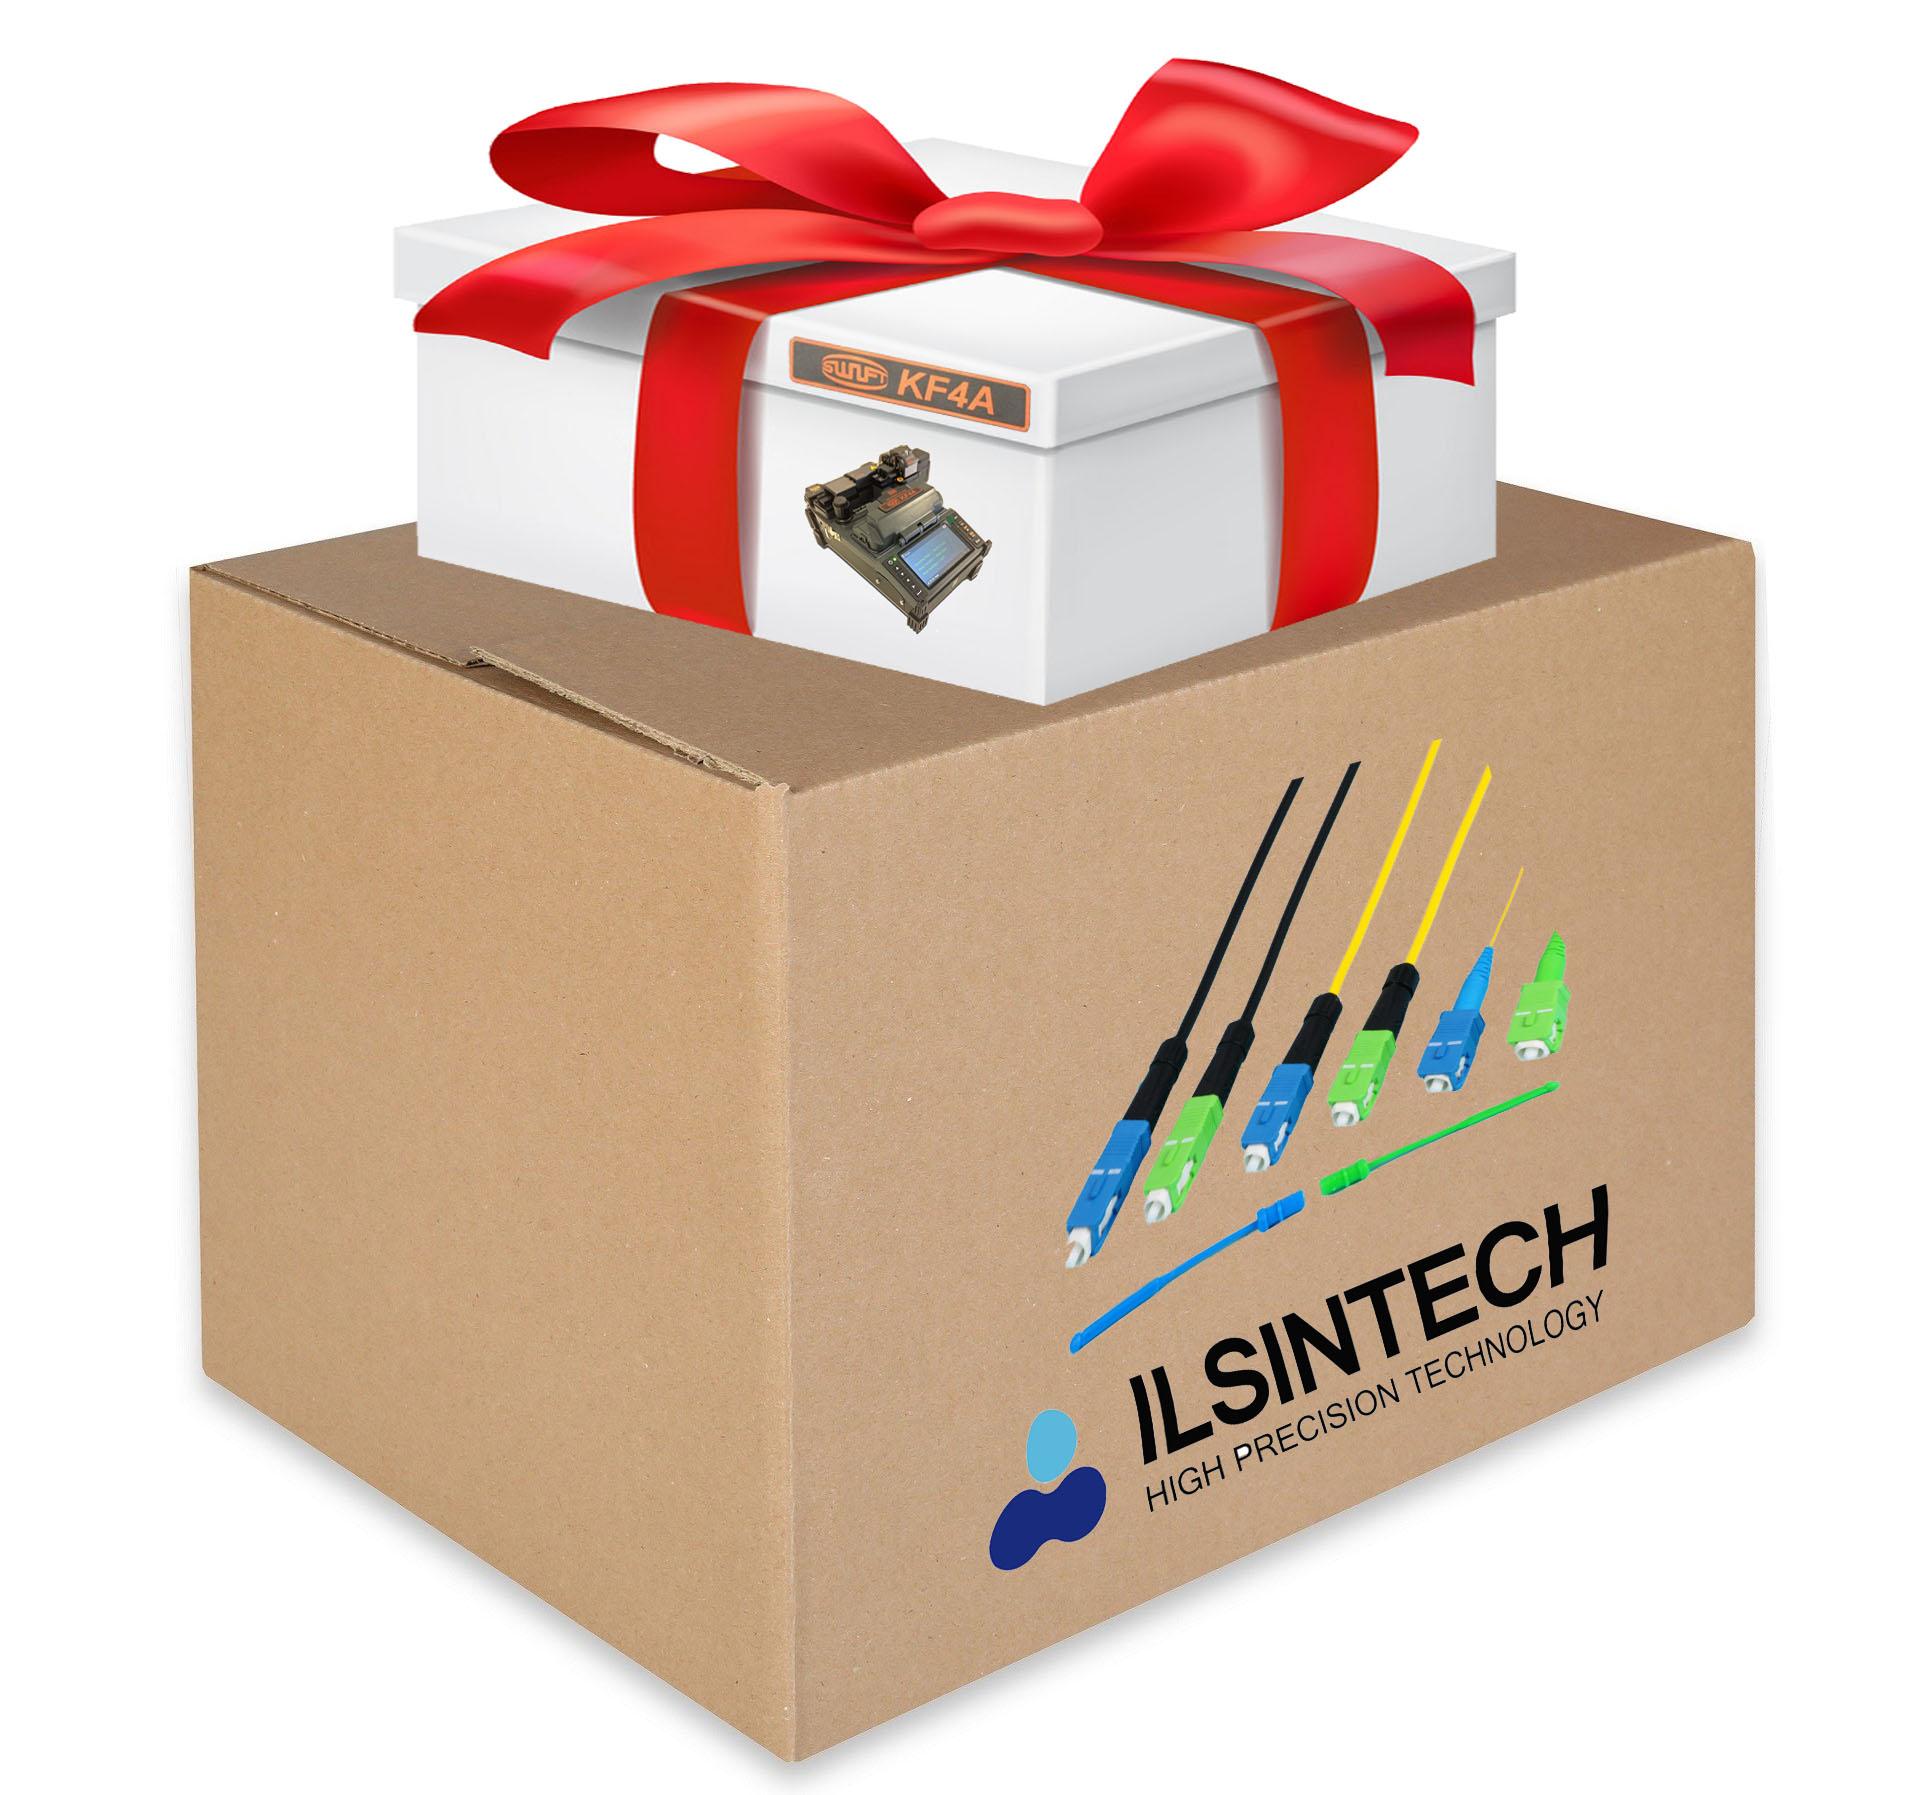 Splice-On коннекторов любого типа и получите сварочный аппарат Ilsintech KF4A в подарок